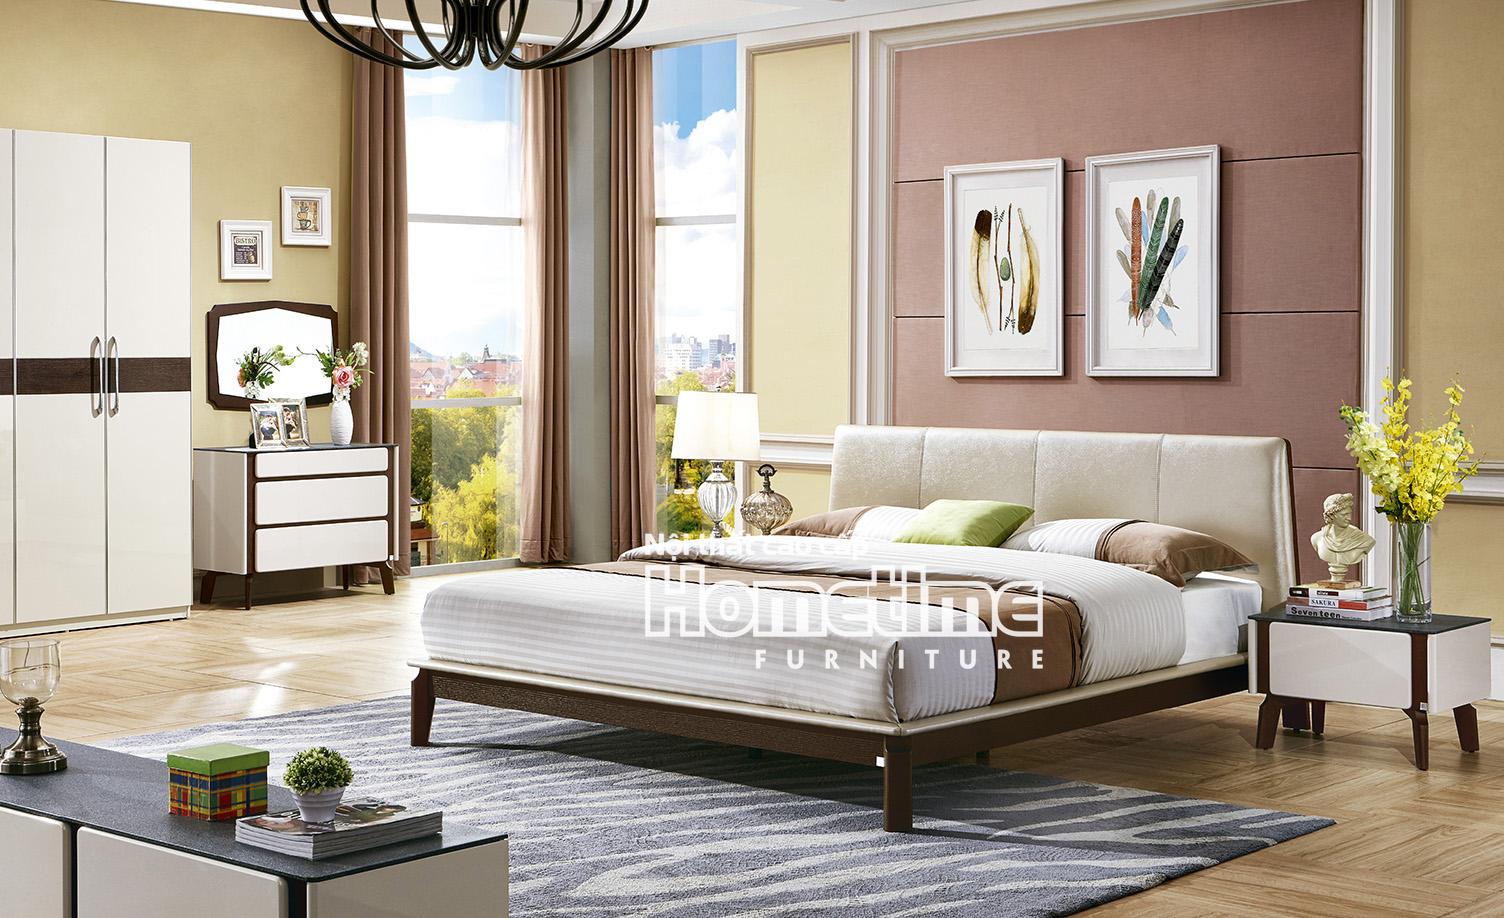 Giường ngủ nhập khẩu cao cấp Hải Phòng - GNK3325